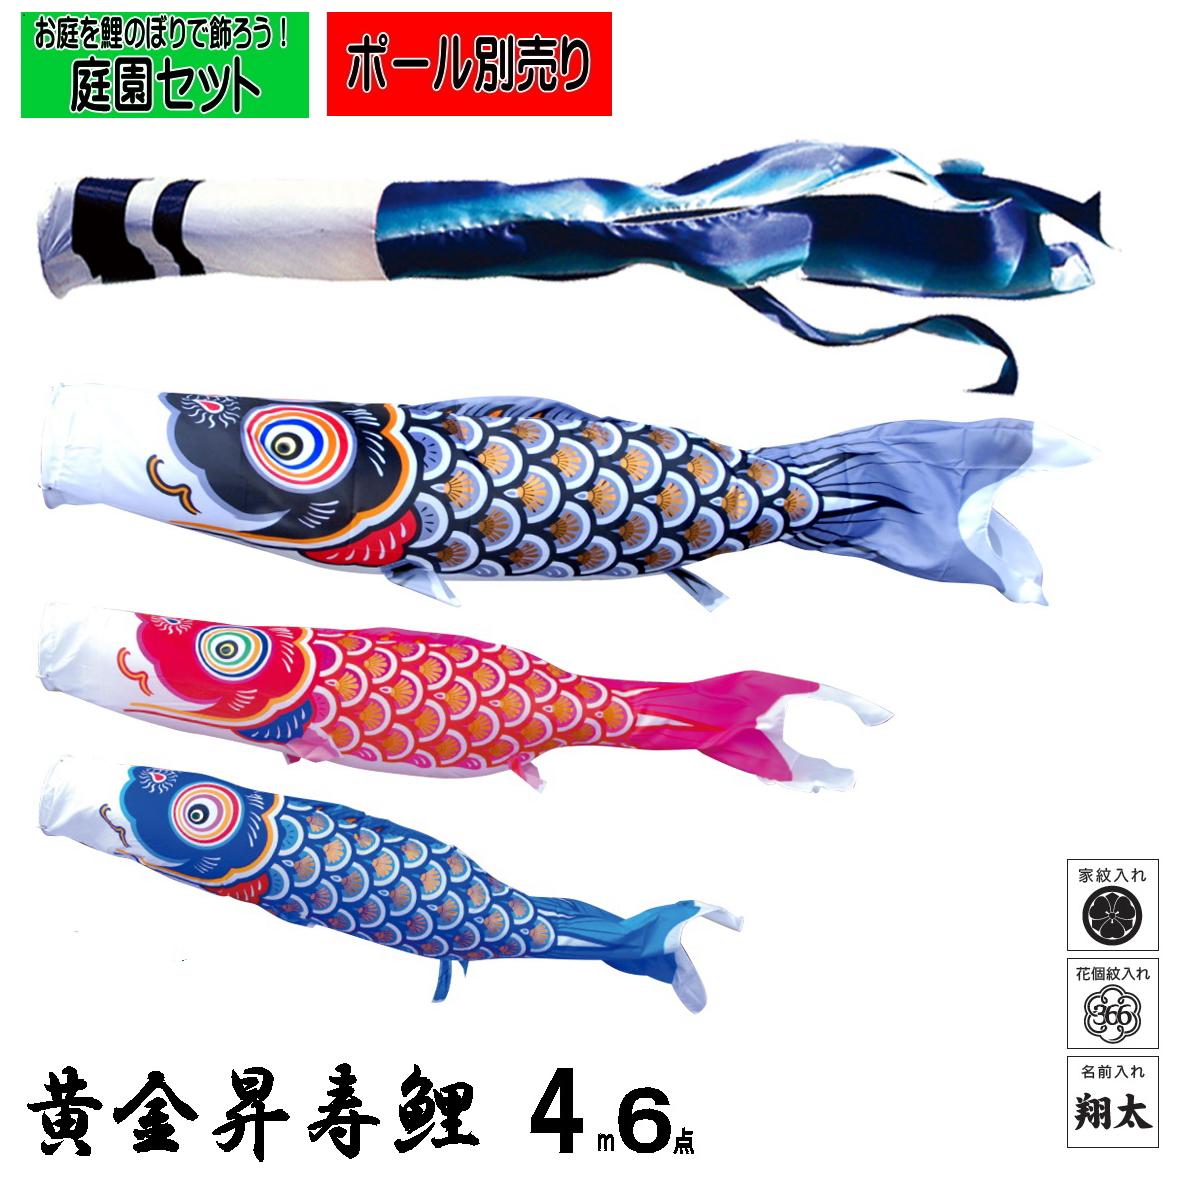 【子守唄CDプレゼント】庭園用 こいのぼり黄金昇寿鯉 4m6点セット鯉のぼり 鯉幟